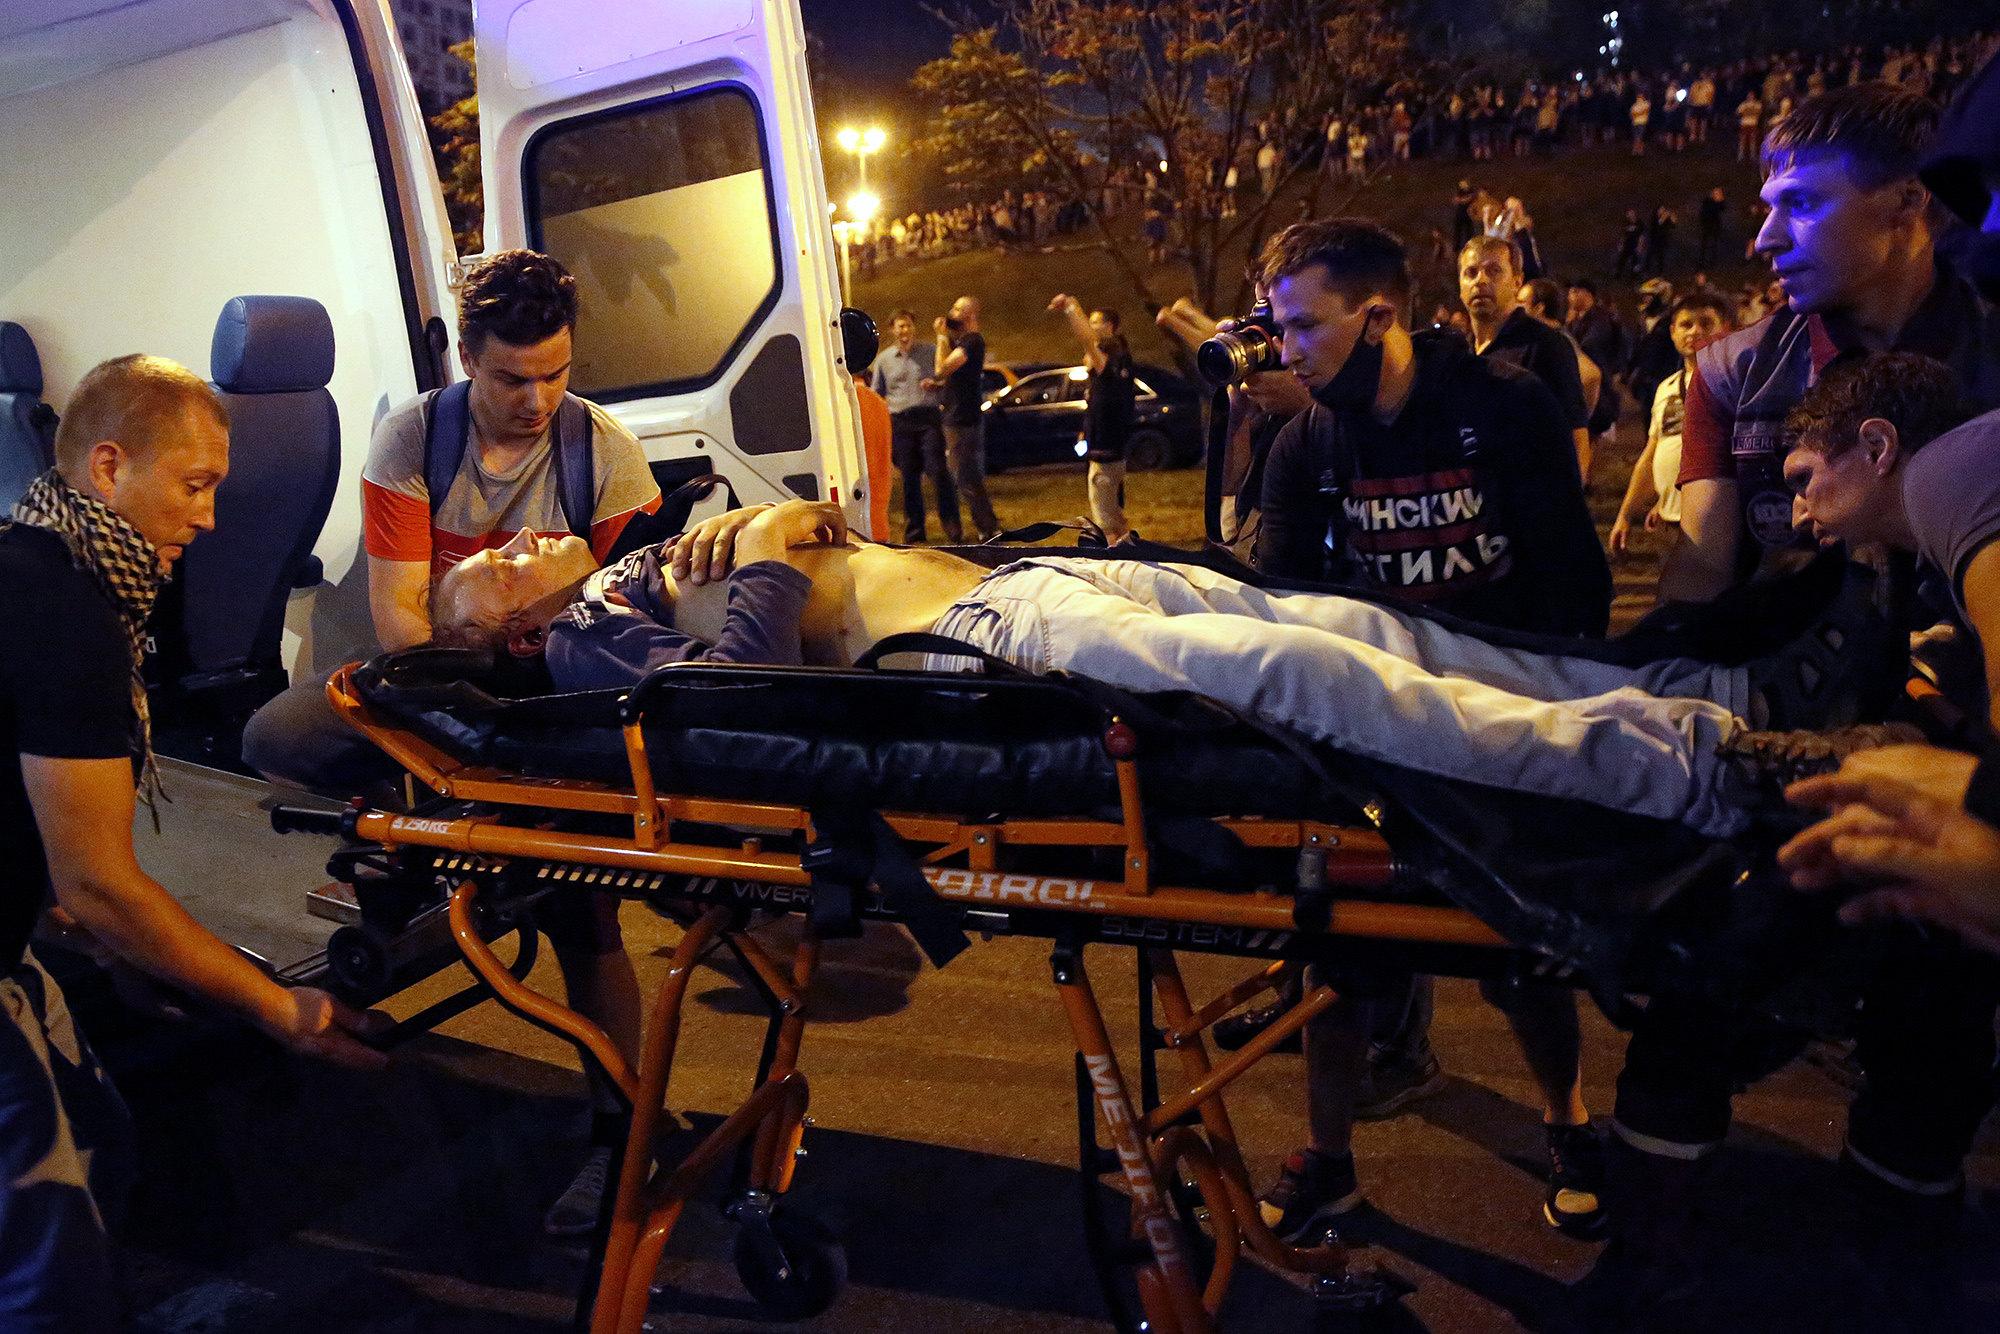 Бригада Скорой помощи оказывает помощь раненному вМинске, Беларусь